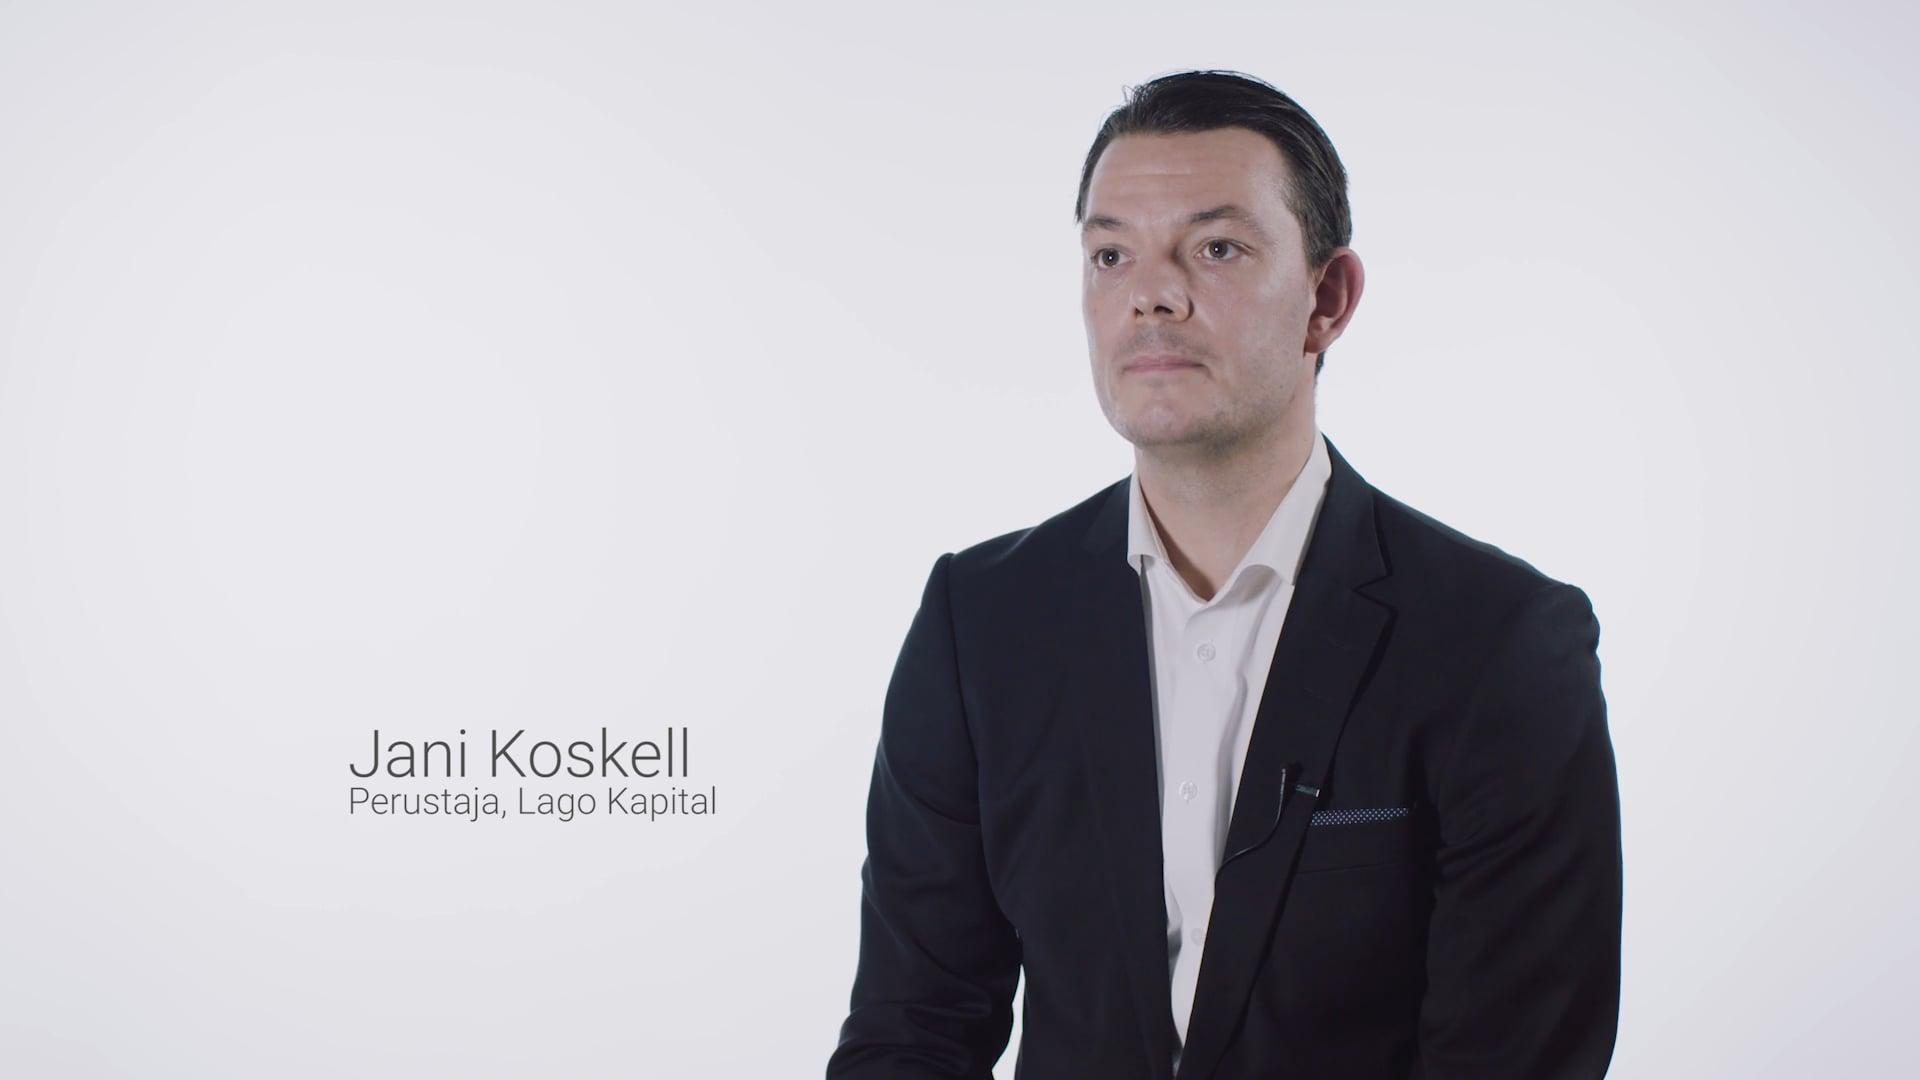 Etevä & Lago Kapital